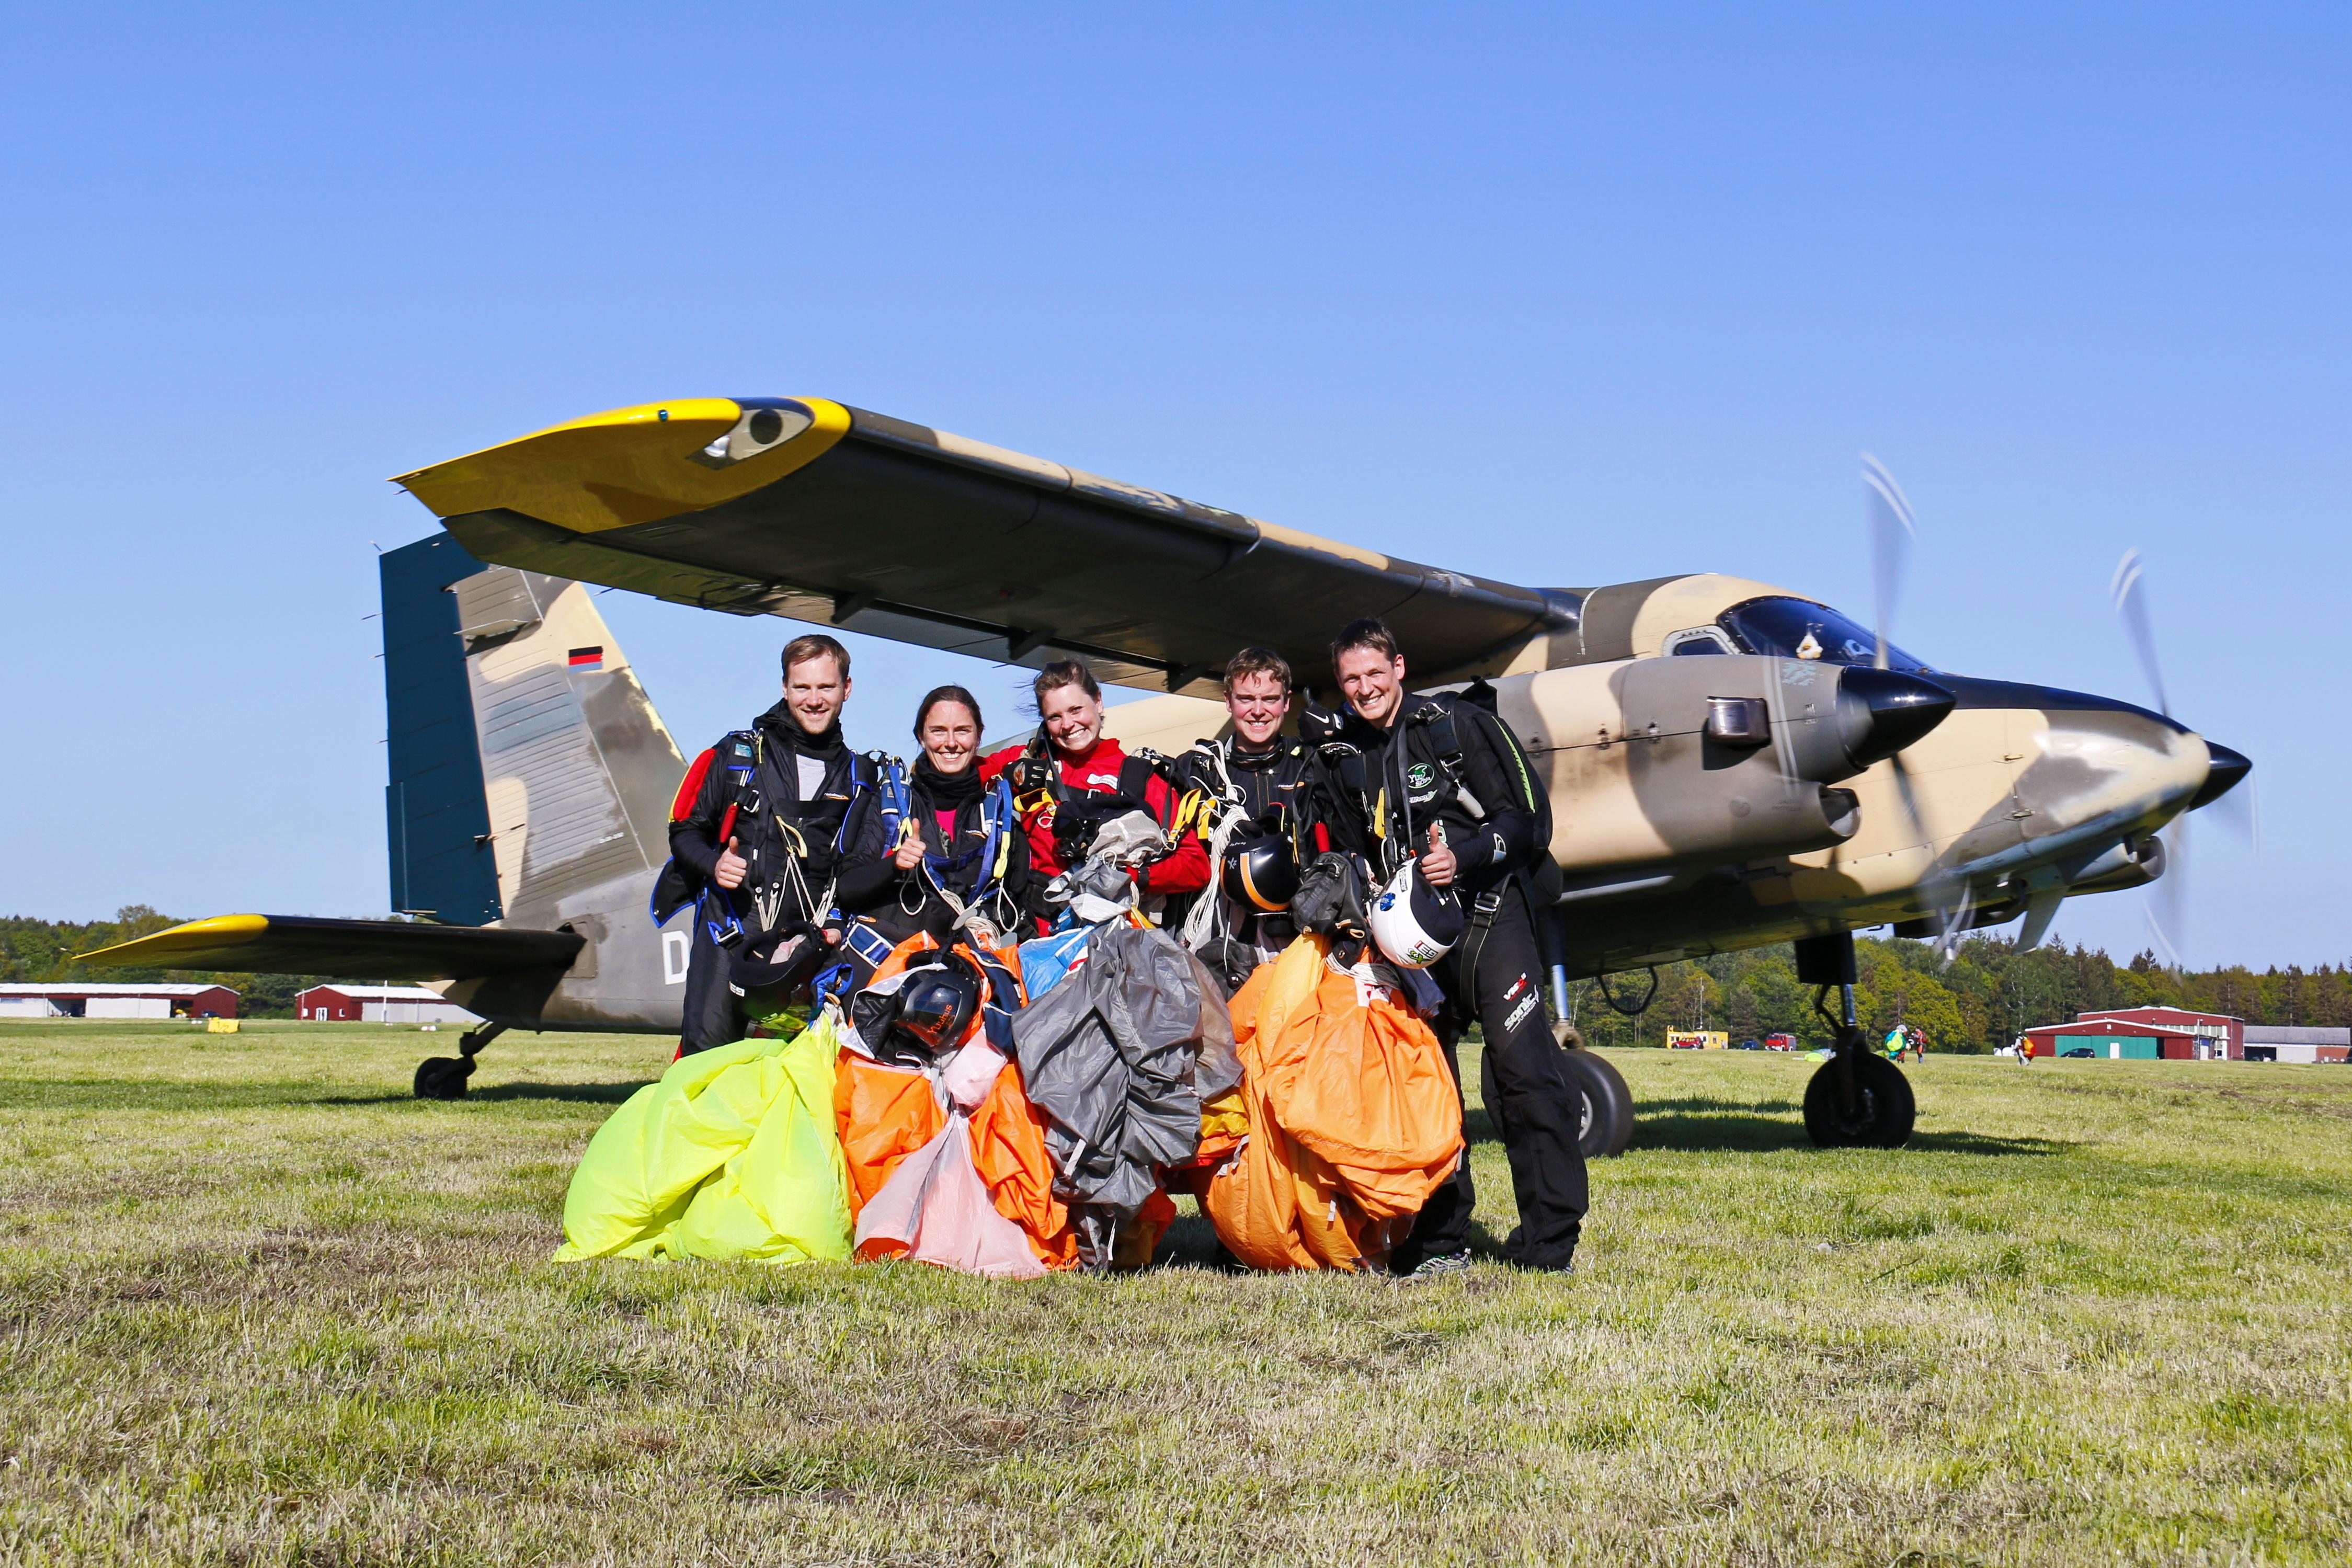 HI-5 YUU Skydive